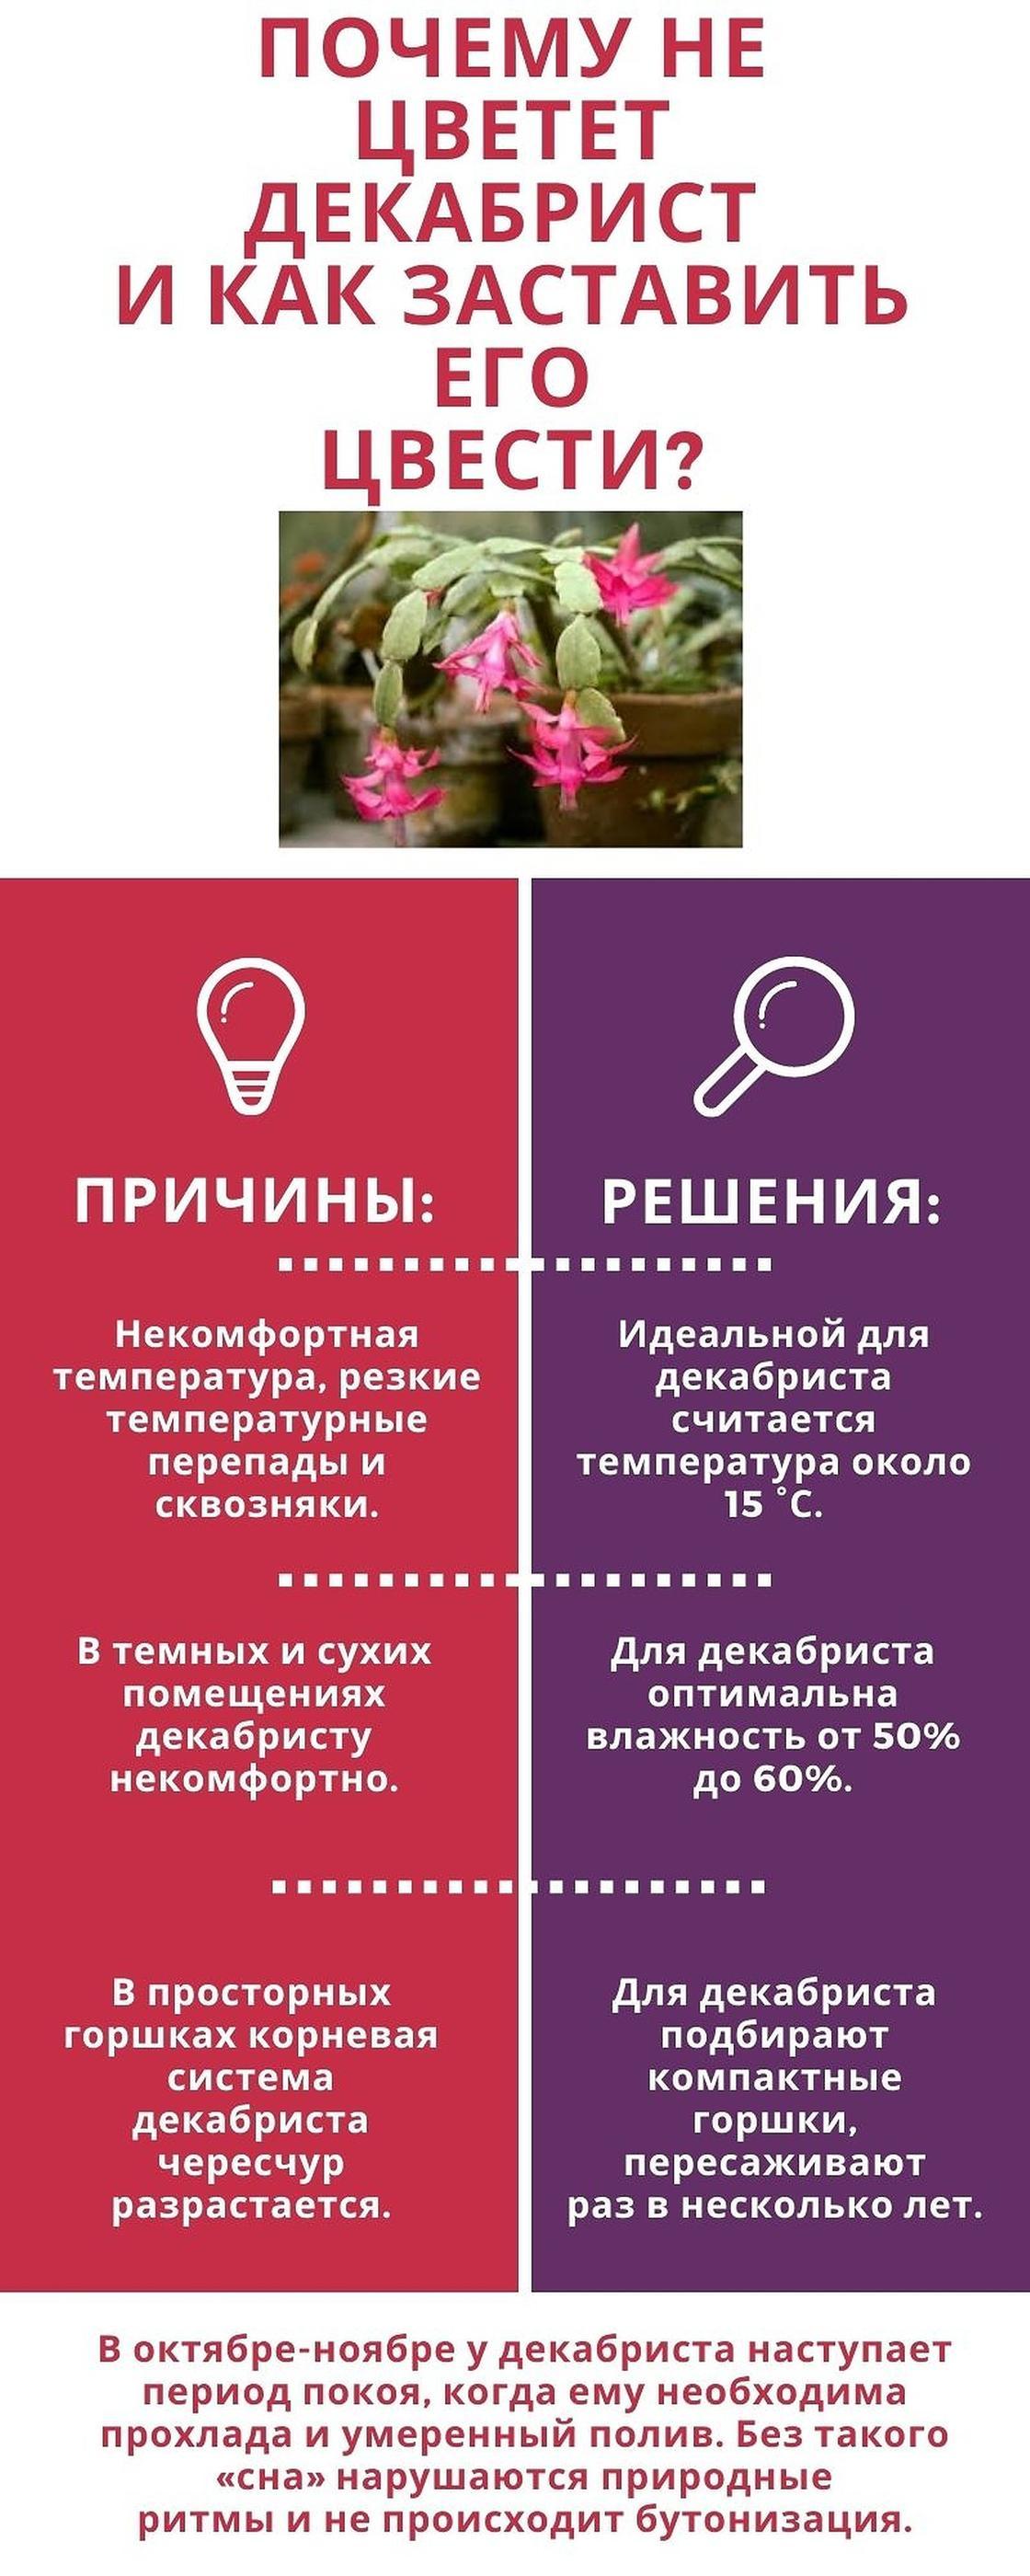 Почему не цветет декабрист. Инфографика